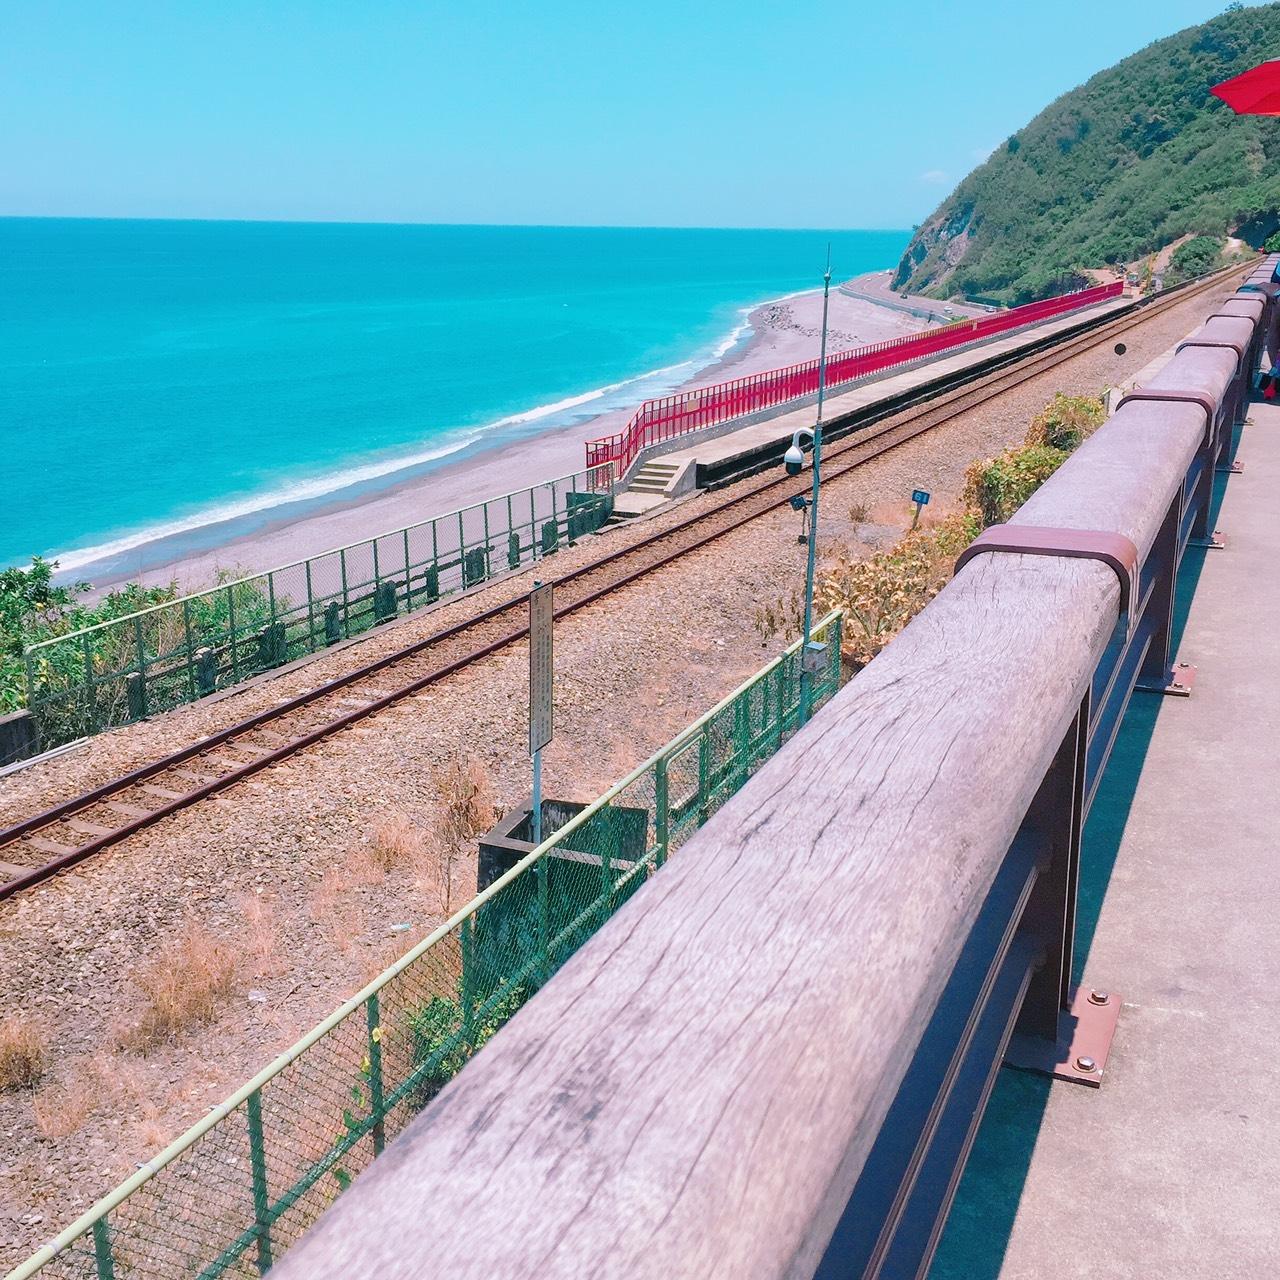 位於太麻里鄉台9線南迴公路417.5公里處右轉的多良車站,以月台上紅欄橋的色彩標誌,與清藍的太平洋海景,渲染出浪漫的全臺最美麗車站。